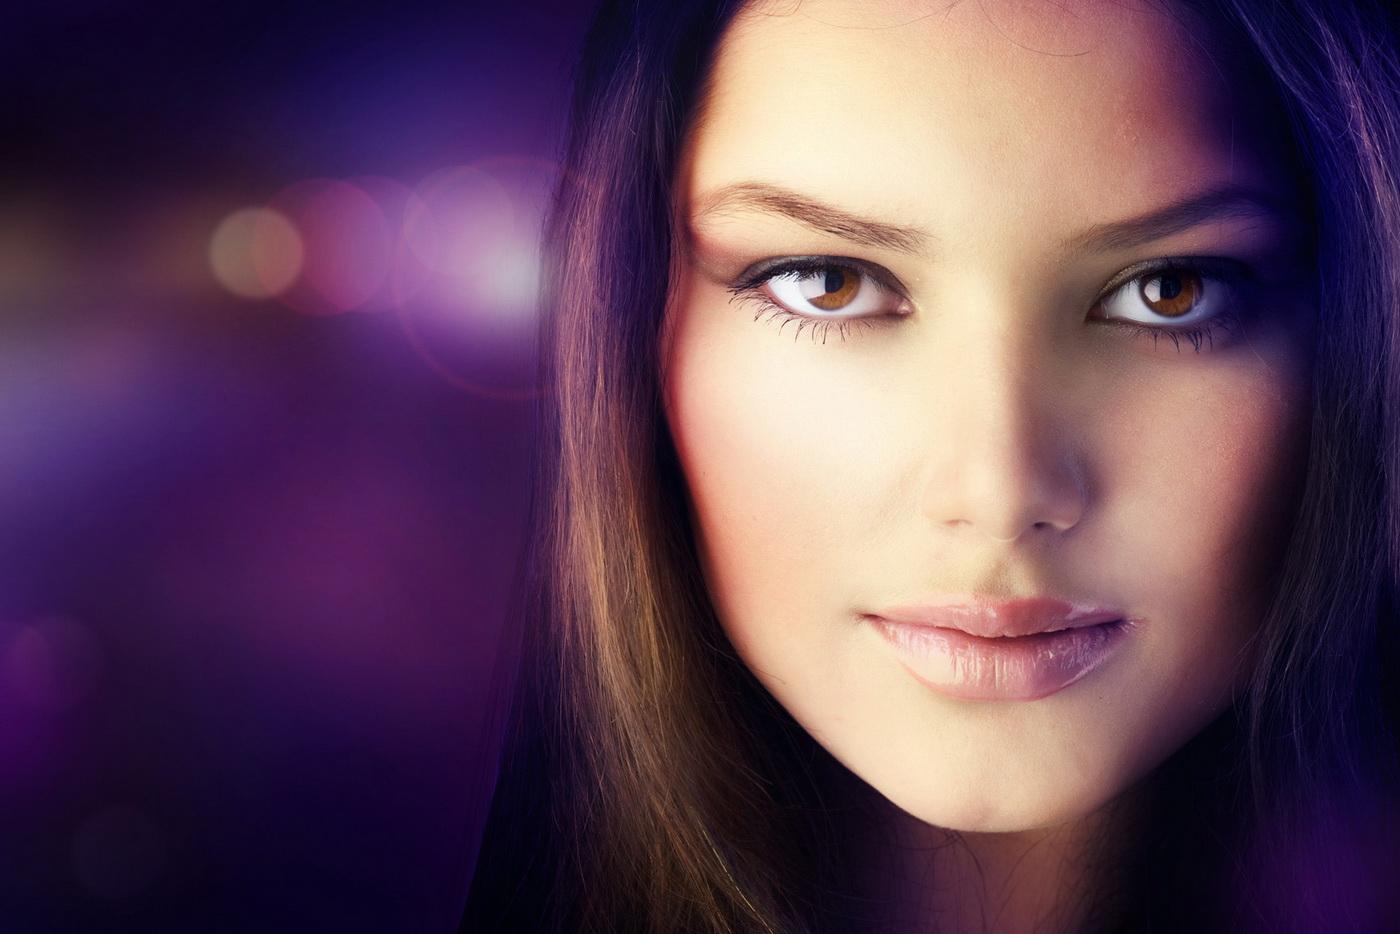 Foods for beautiful skin eat it or wear it-Woman